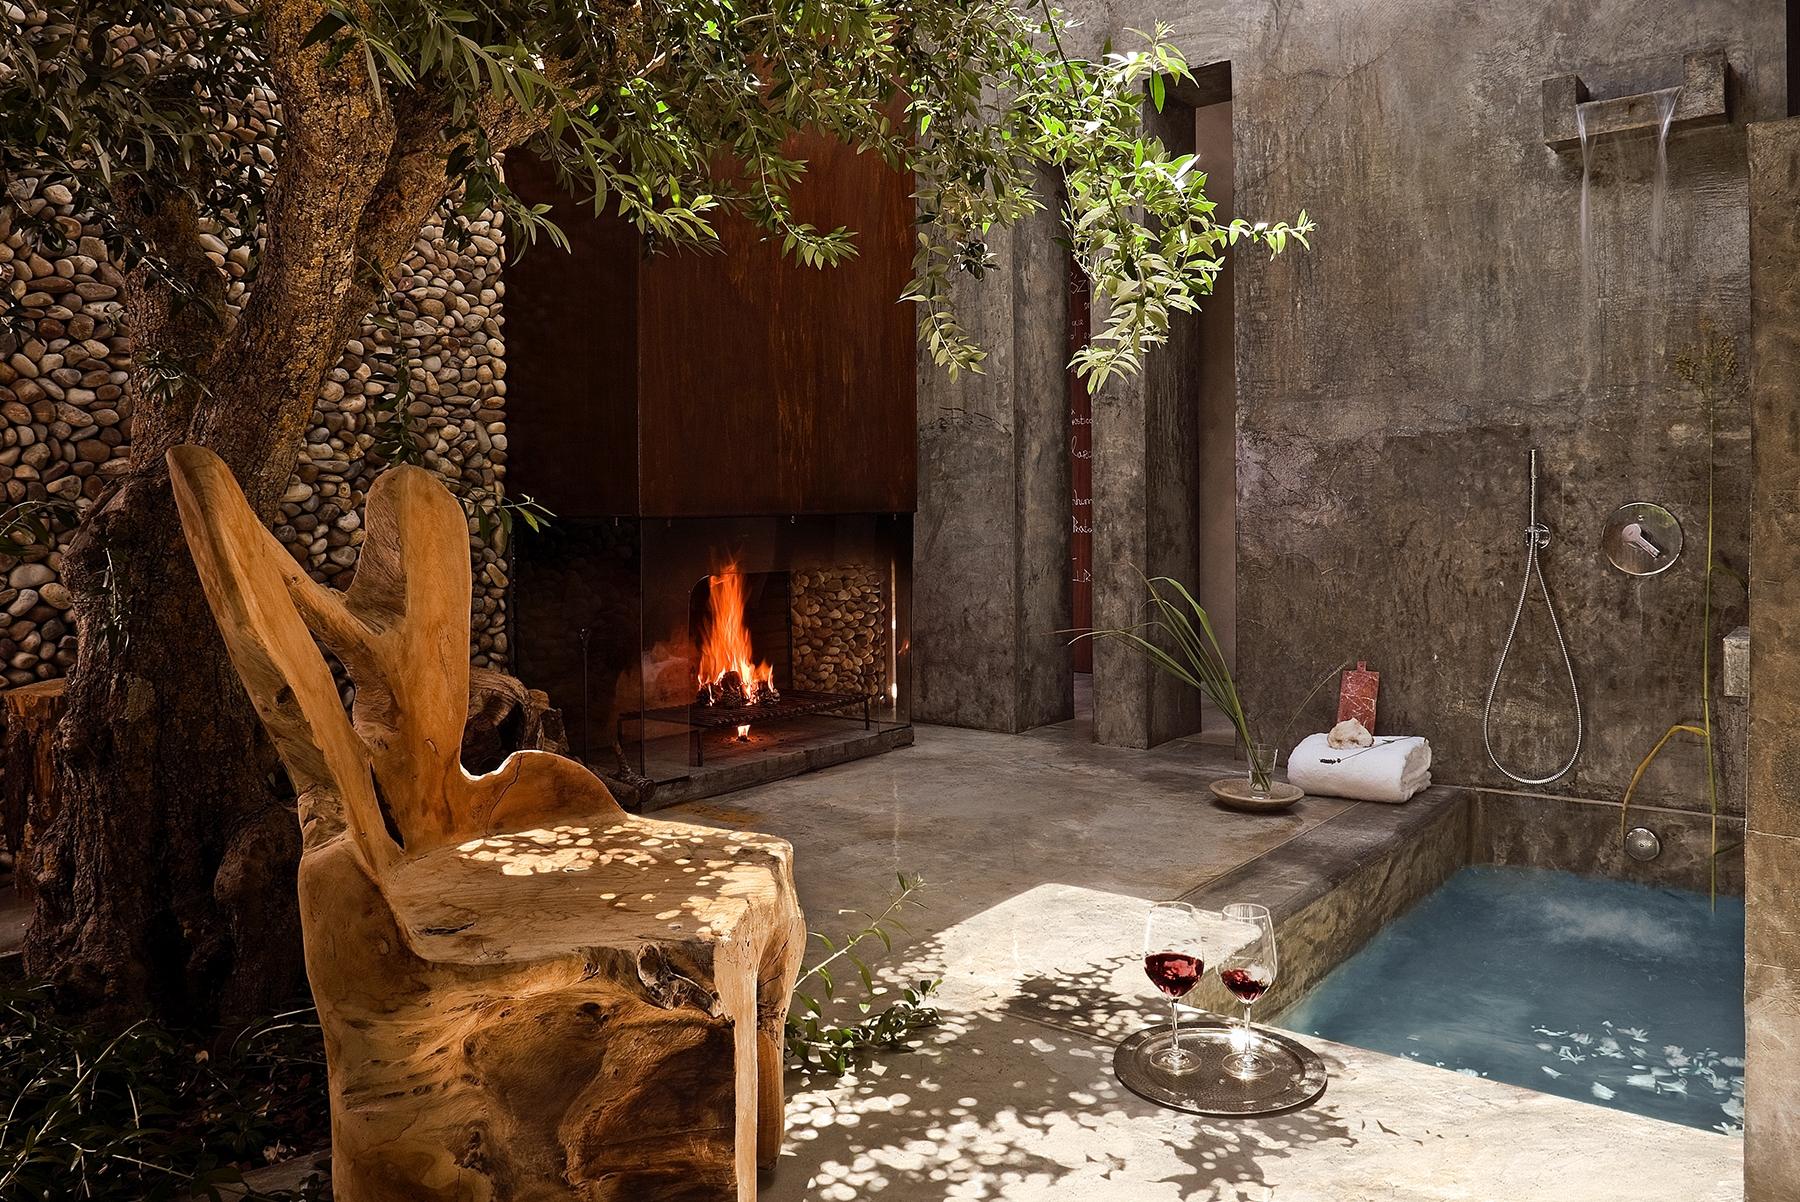 Hotel Areias Do Seixo, Portugal.